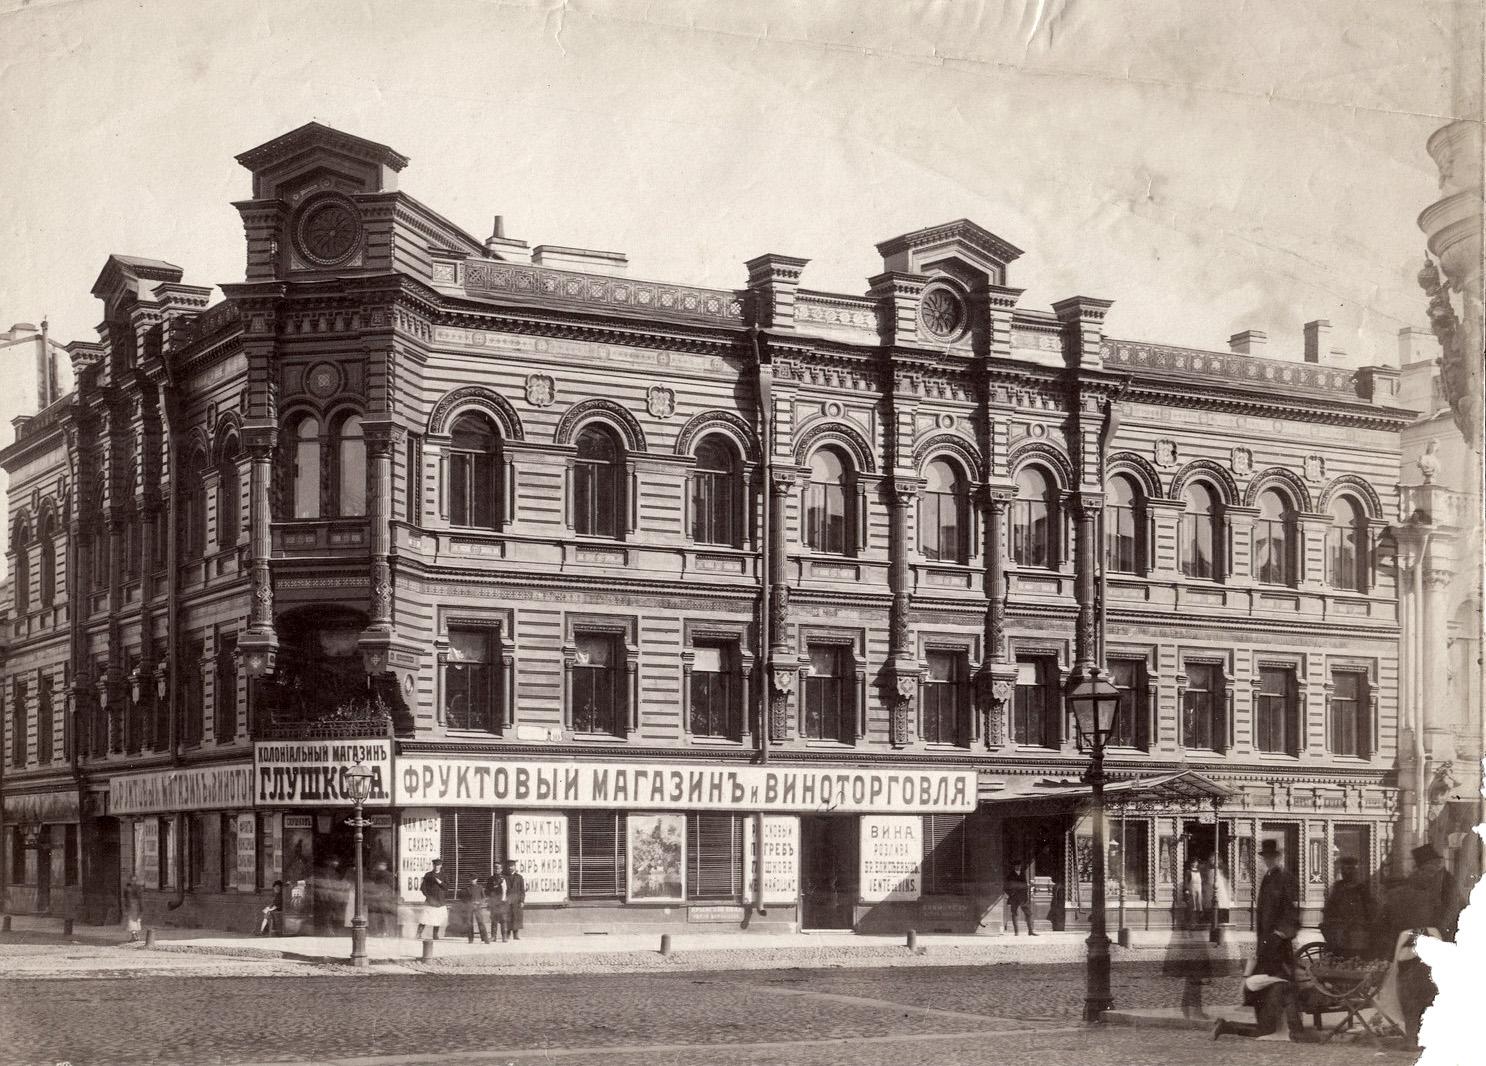 Литейный проспект. 1887